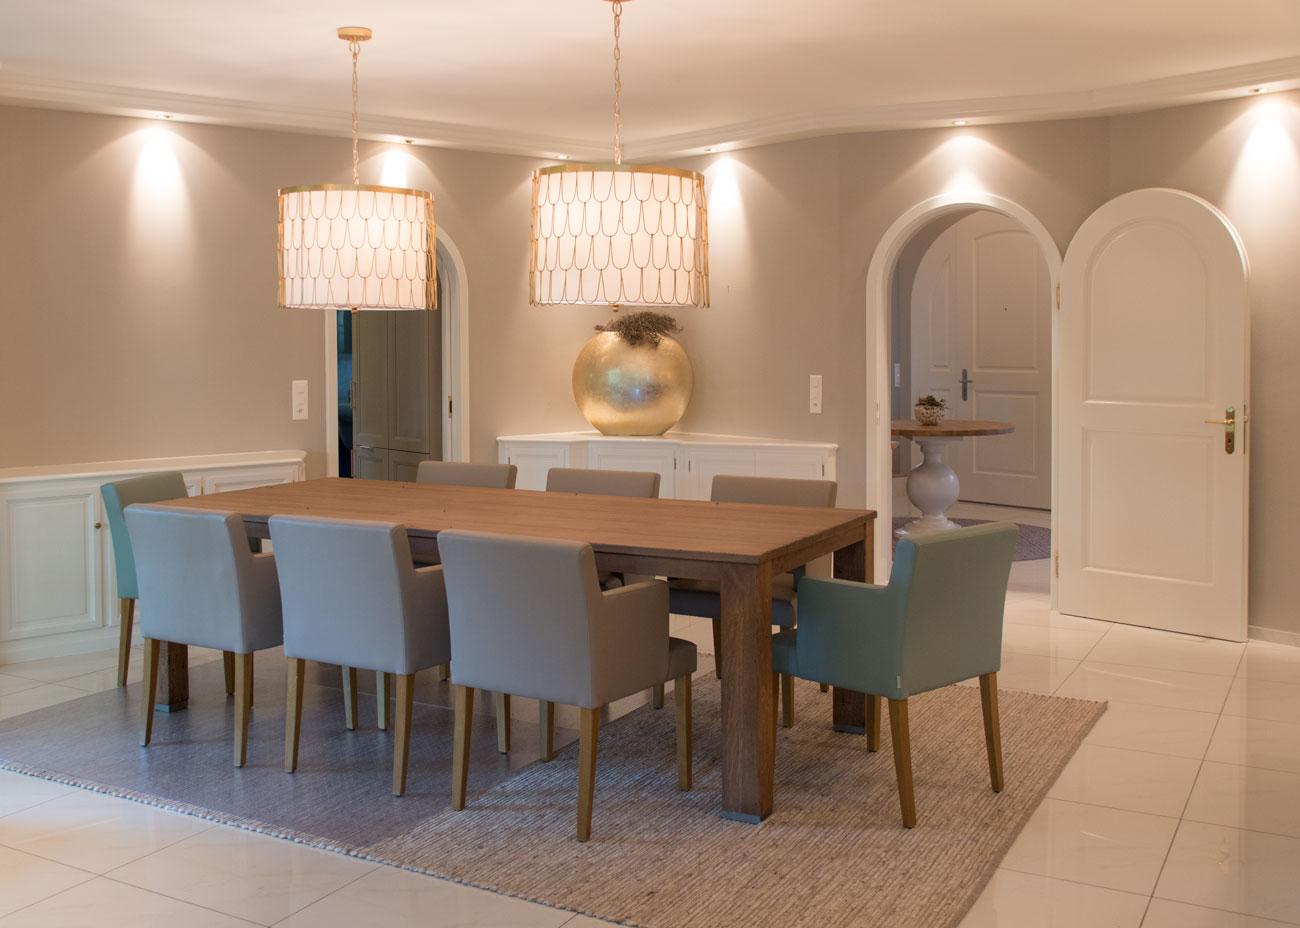 haus renovierung ideen esszimmer holztisch leuchten gold stühle teppich runde türen